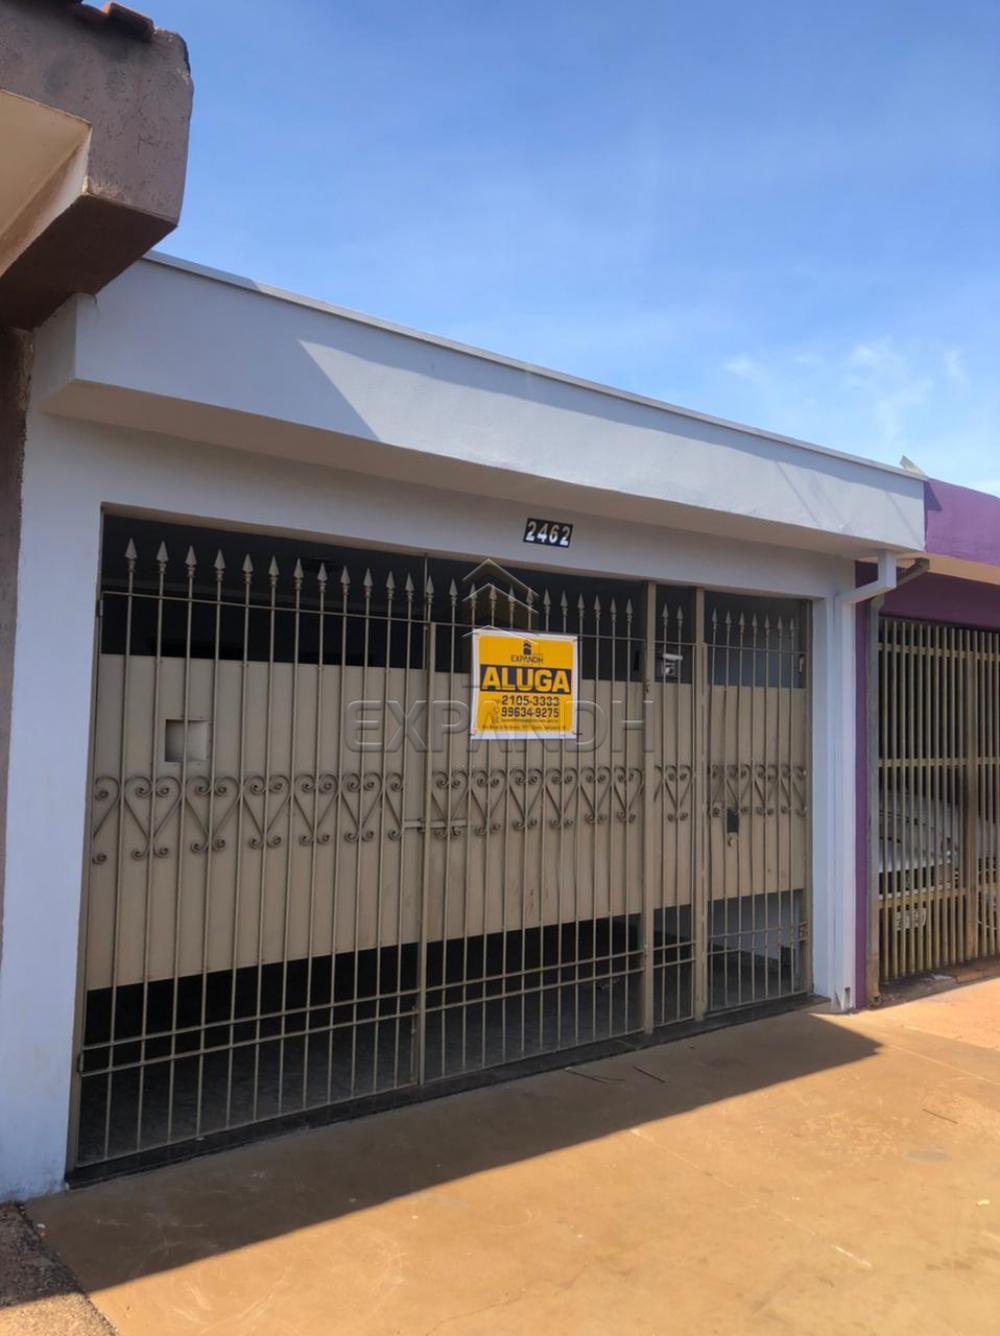 Alugar Casas / Padrão em Sertãozinho R$ 750,00 - Foto 1